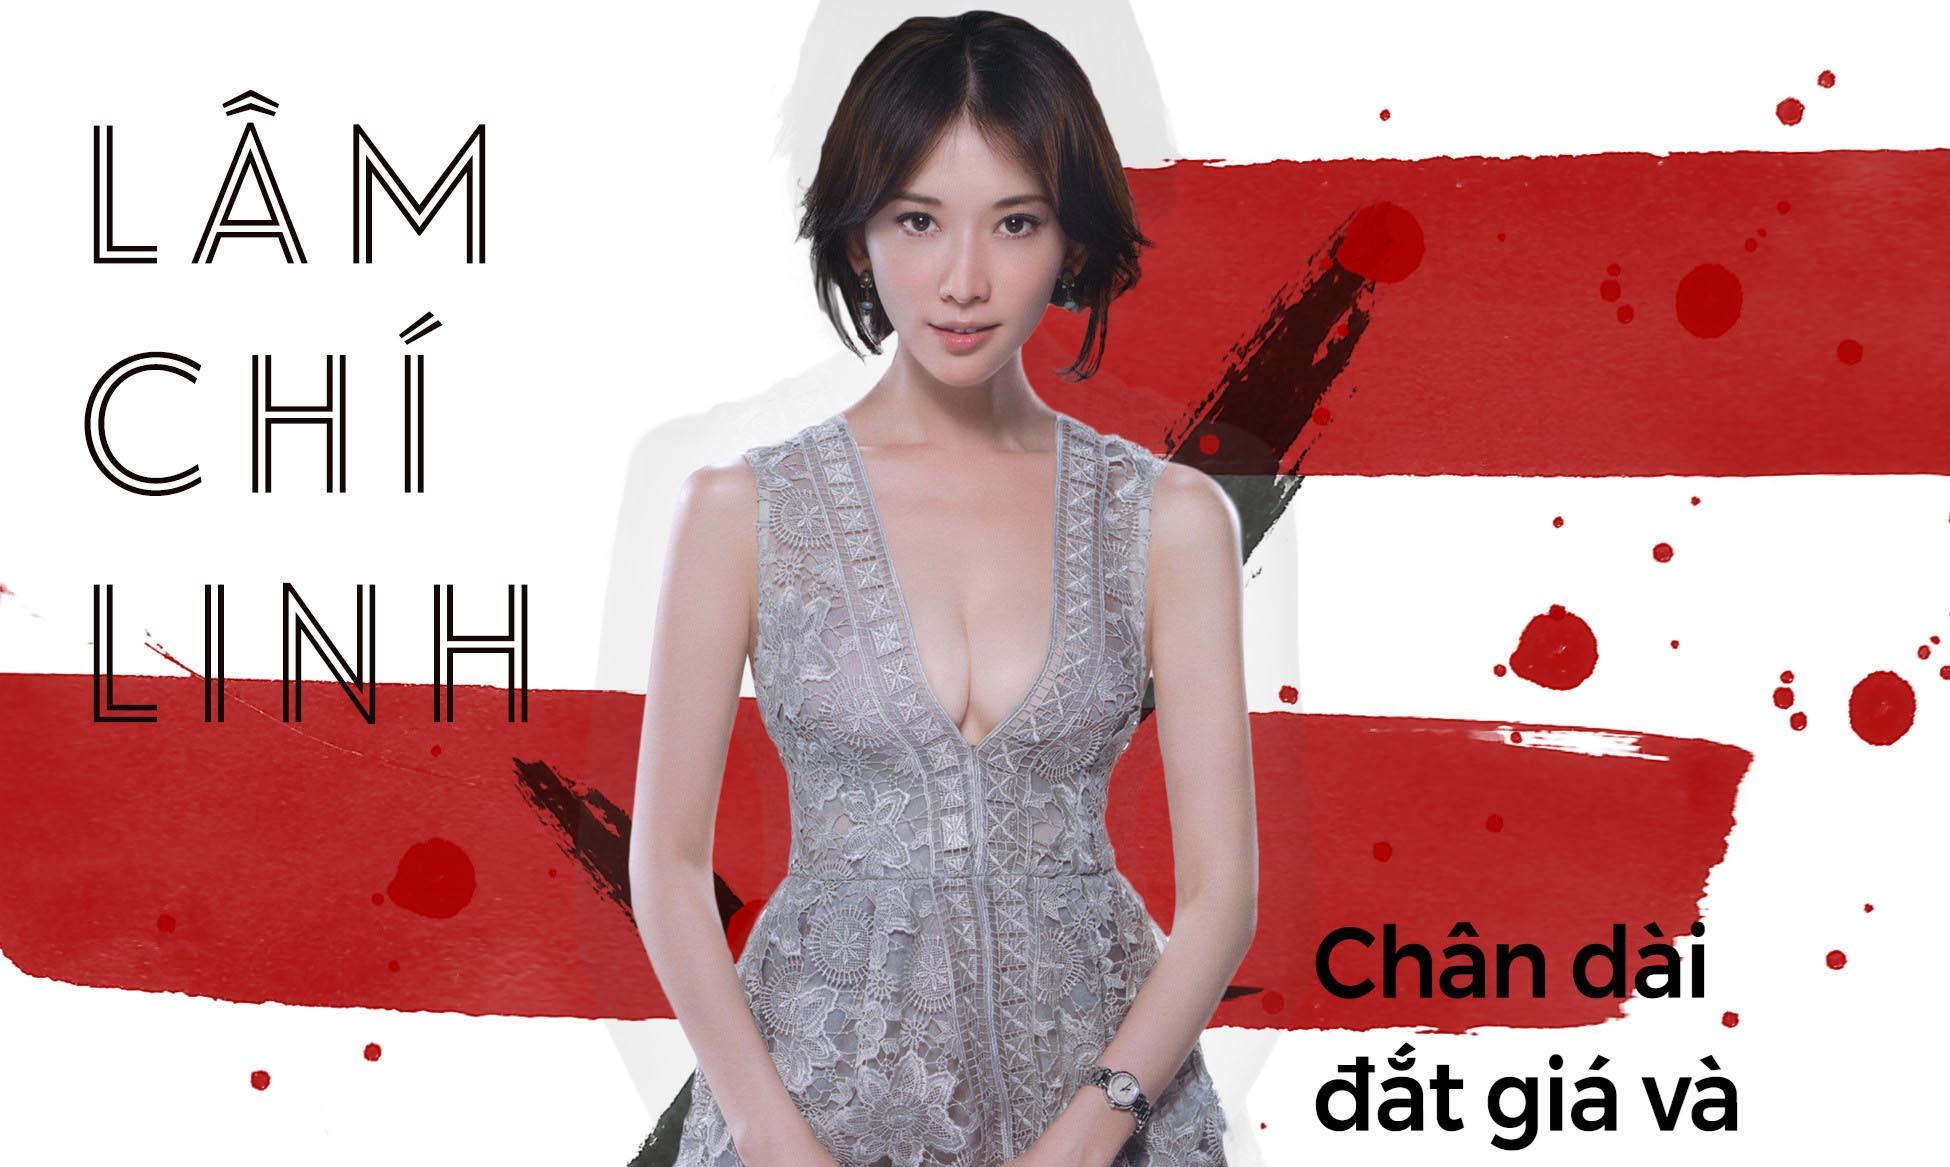 Lâm Chí Linh: Hoa hậu thân thiện hay chân dài bán dâm nghìn USD?